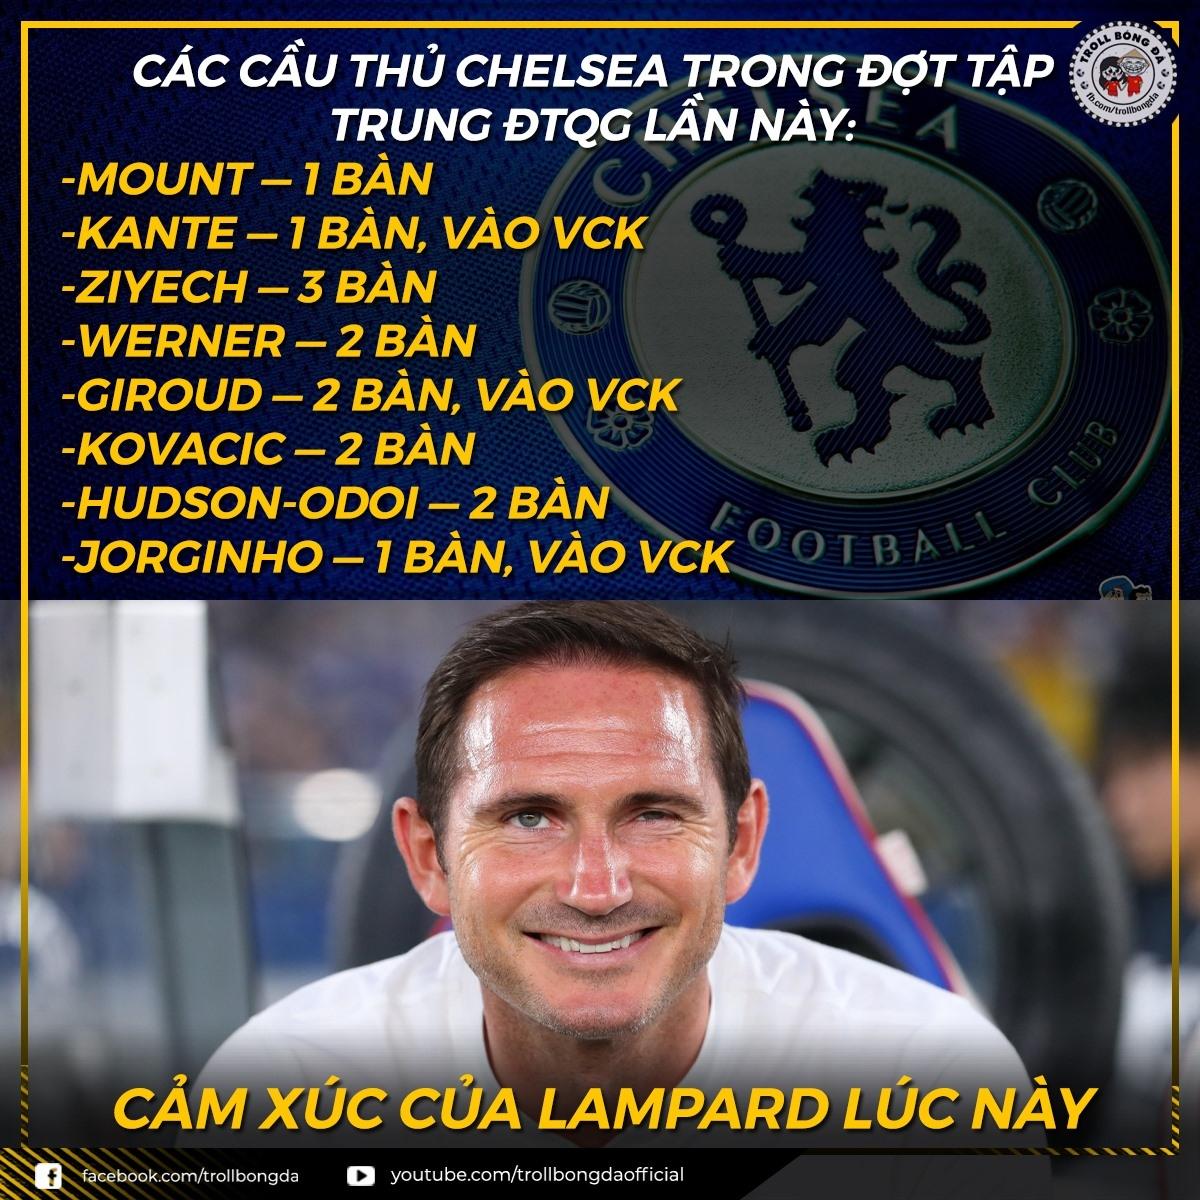 """Chelsea sẵn sàng """"nhuộm xanh"""" Premier League. (Ảnh: Troll Bóng Đá)"""